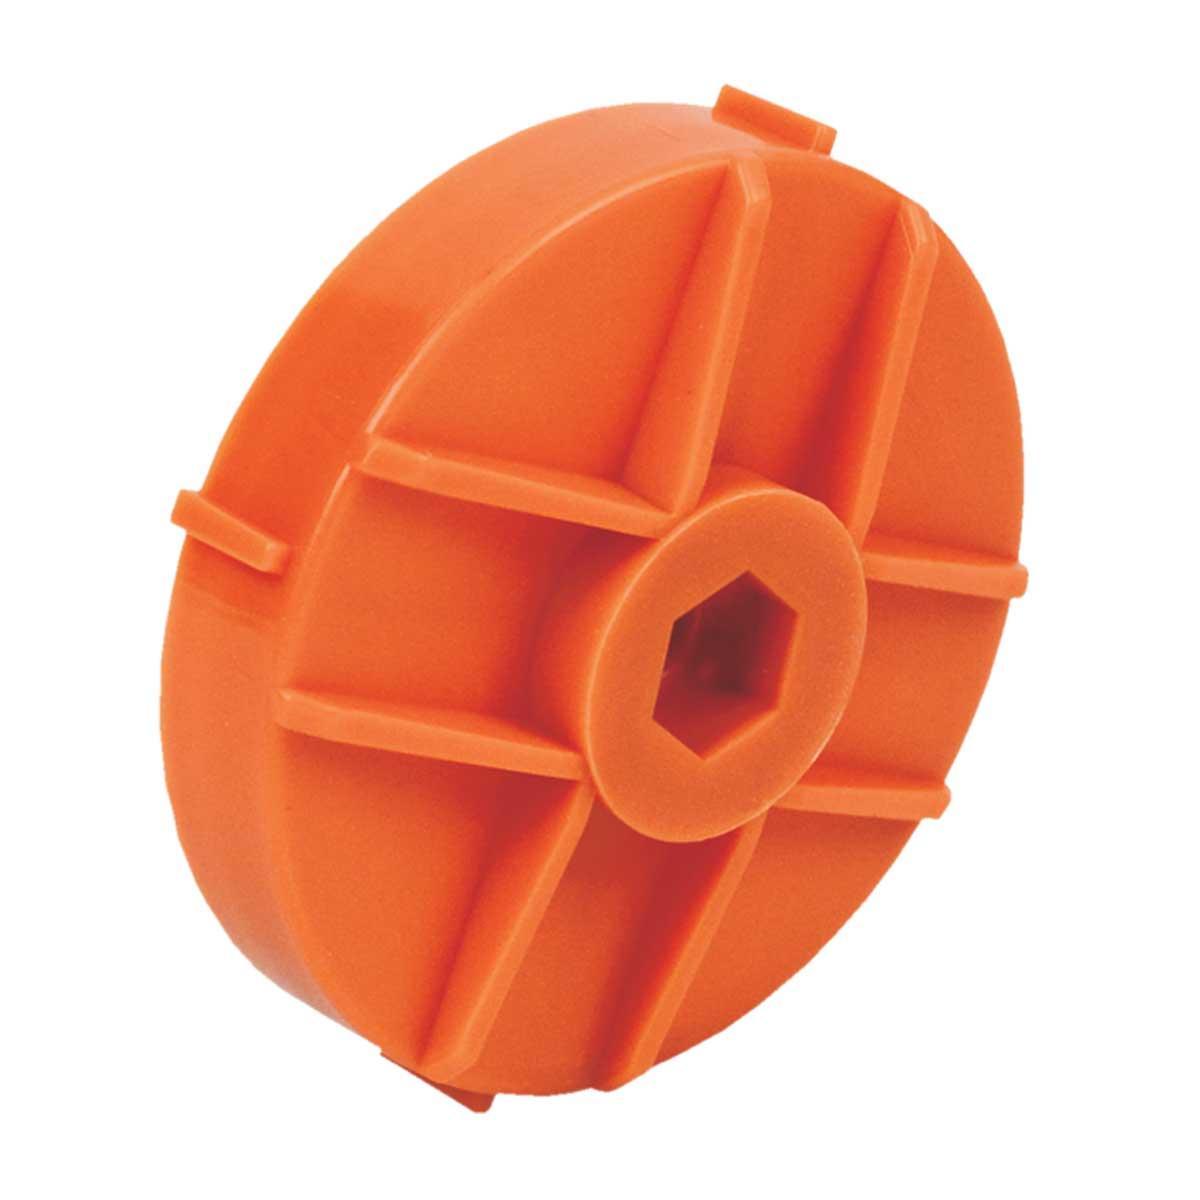 Задня кришка коробки в бетон під гайку монолітне бетонобудування;